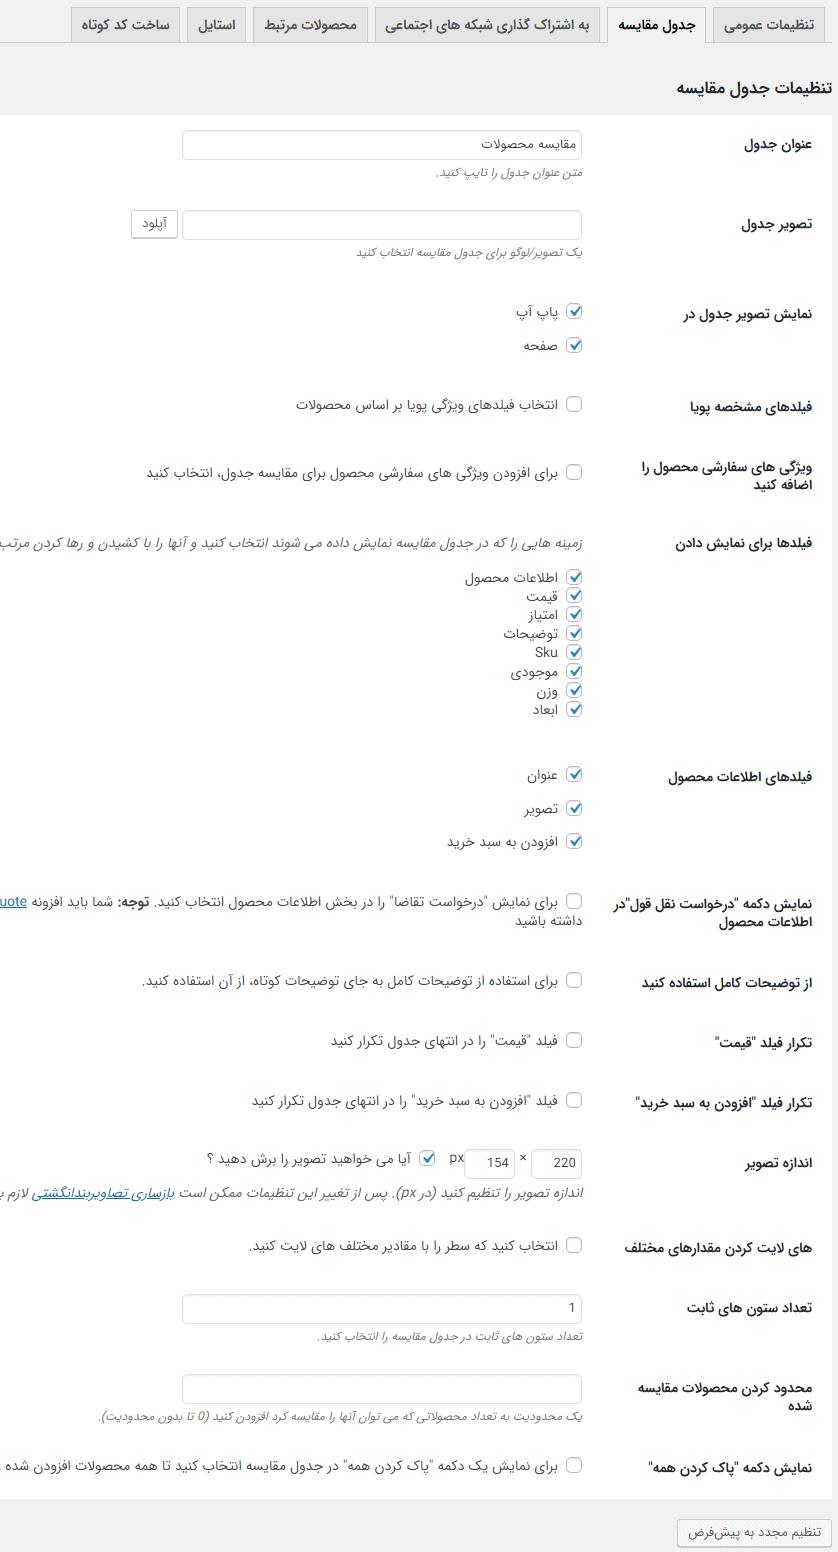 تنظیمات جدول مقایسه محصولات